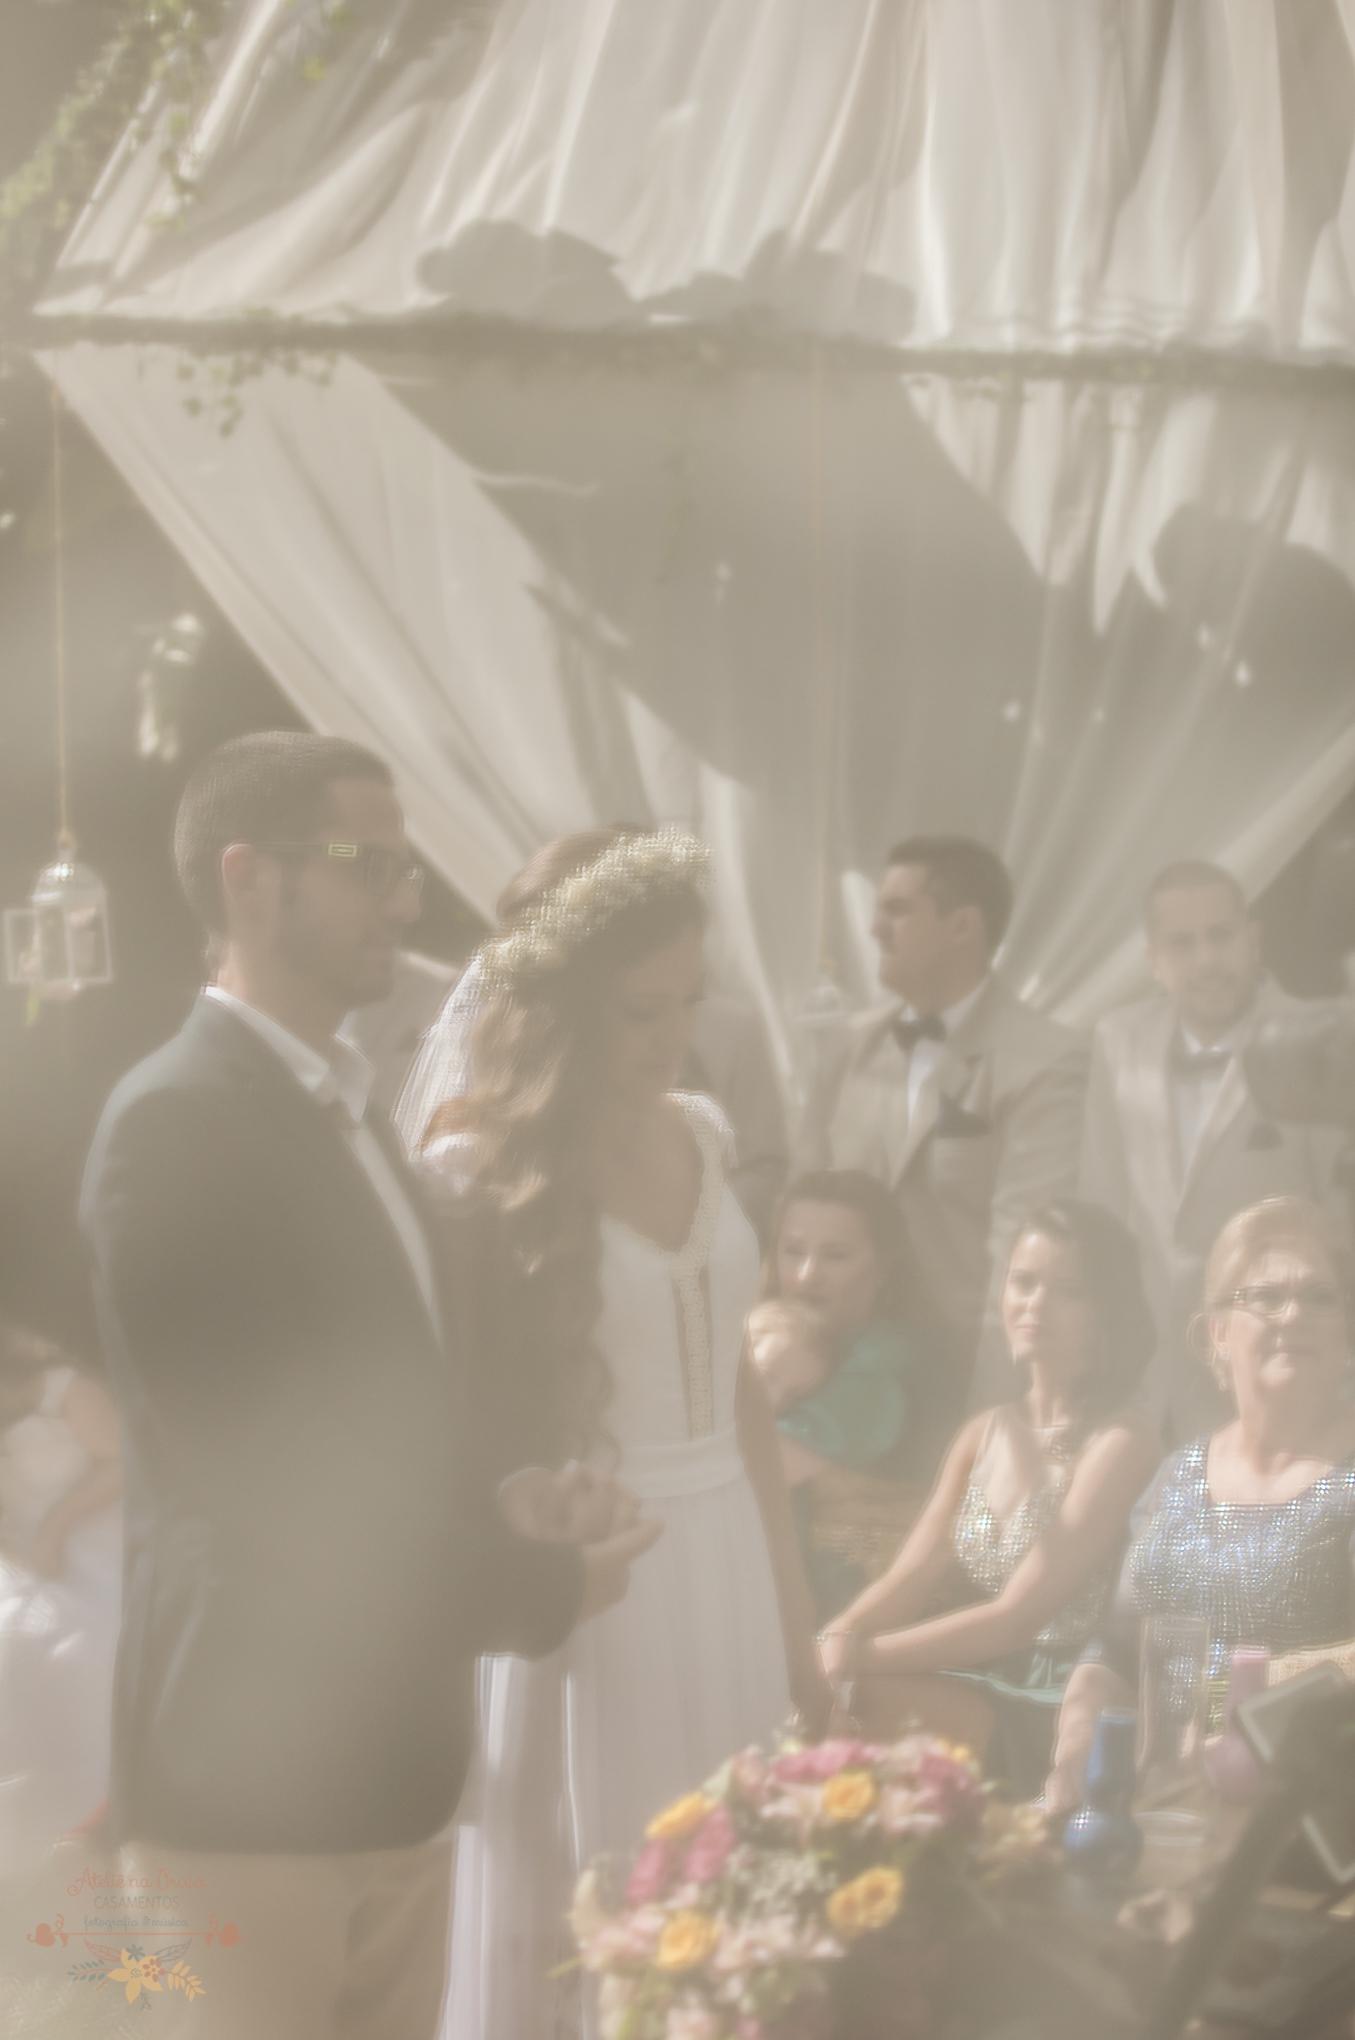 04-Cerimonia-Atelie-na-Praia-Nadine-Carlos-Casamento-1526